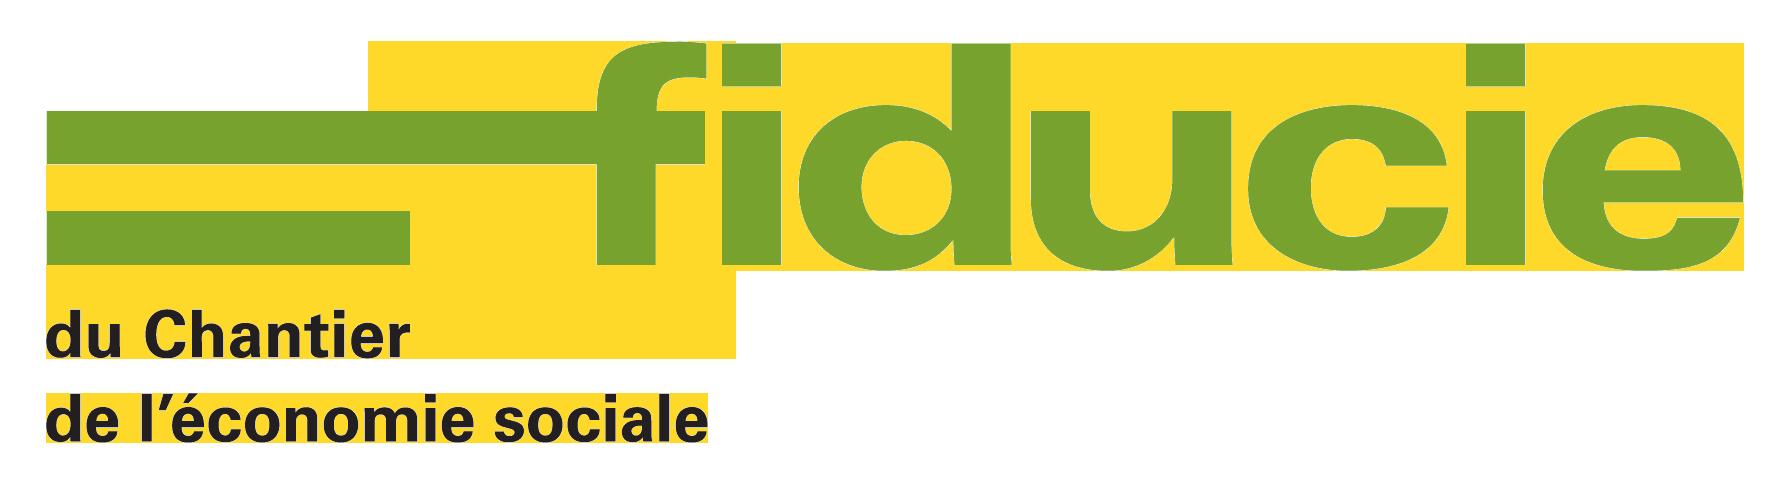 Ficudie